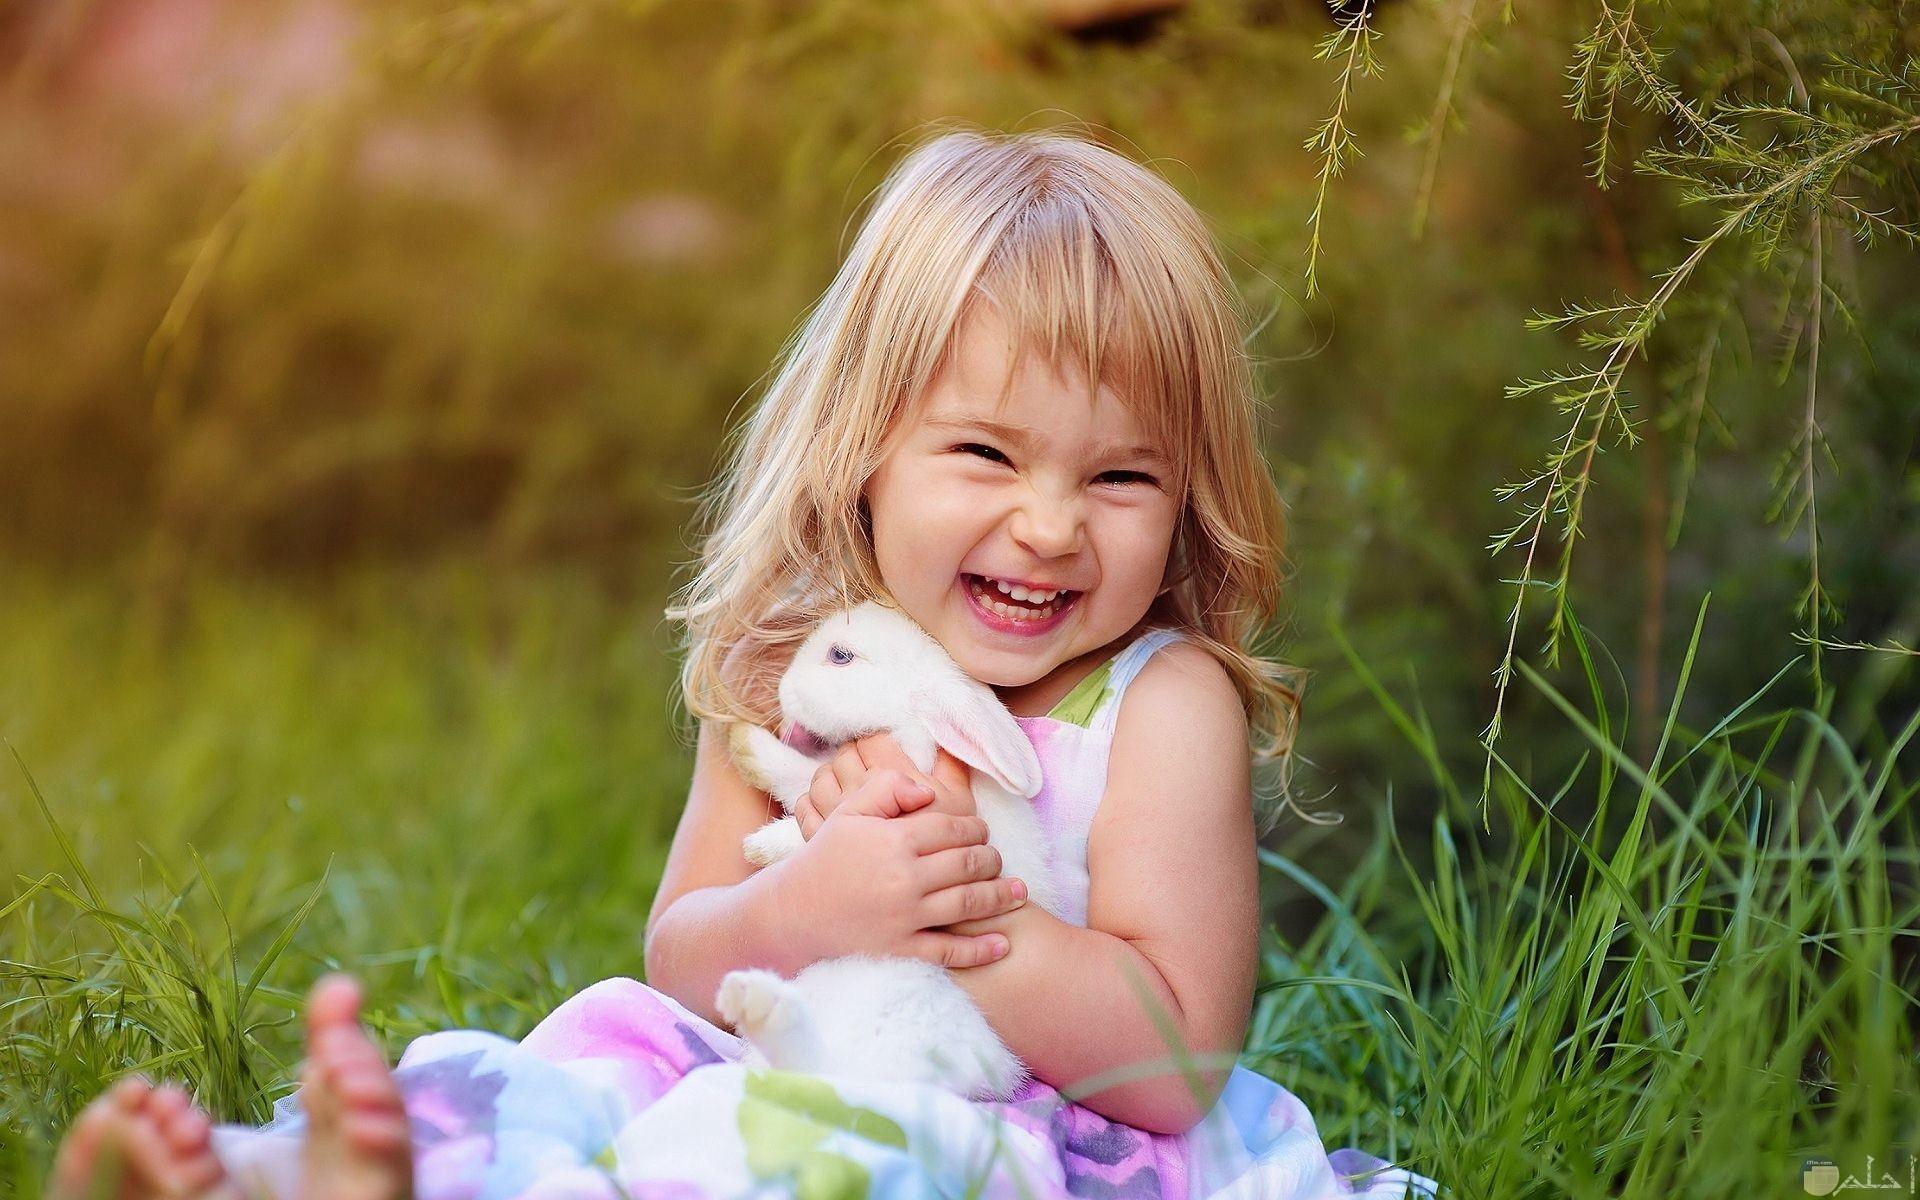 صورة جميلة لبنت تداعب أرنب.